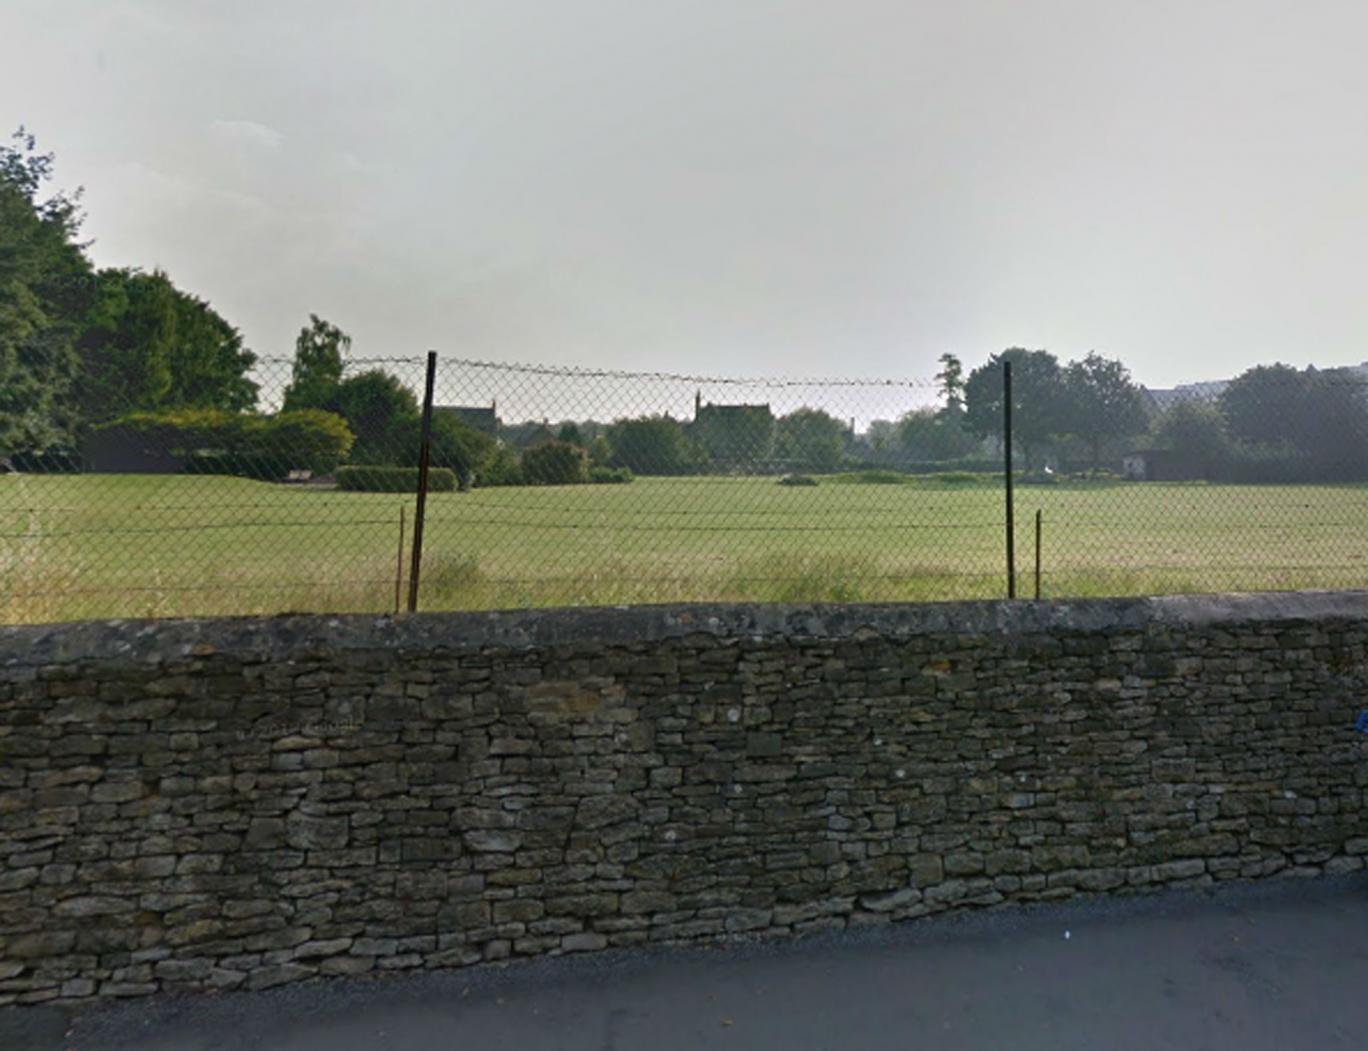 St Michael's Park, where Jasmine was found